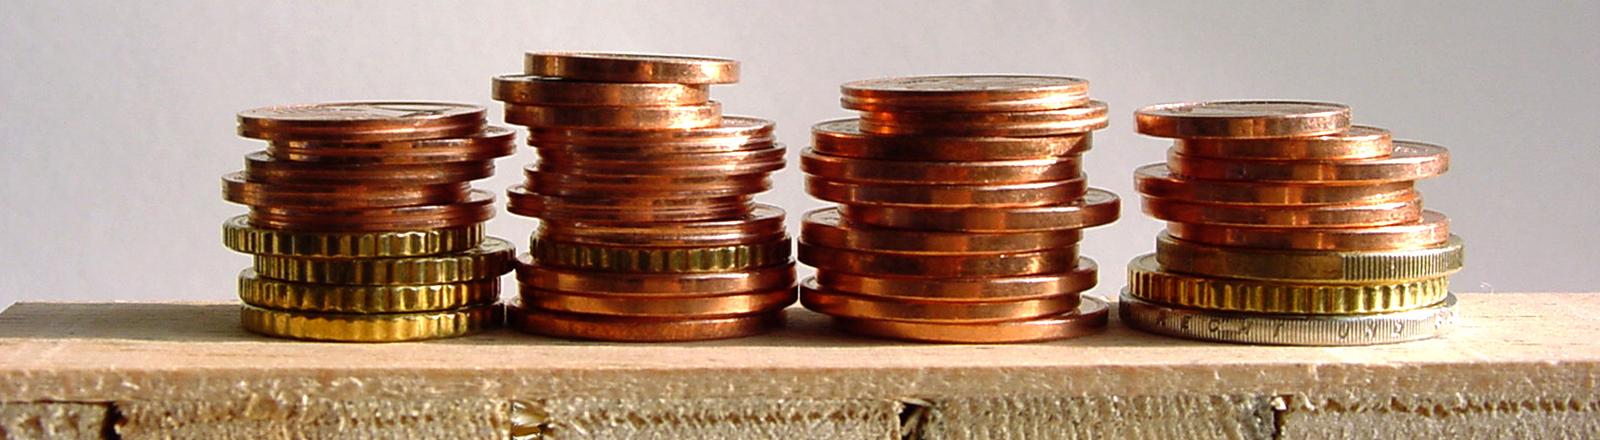 Ein Stapel Münzen liegt auf einer Holzhpalette